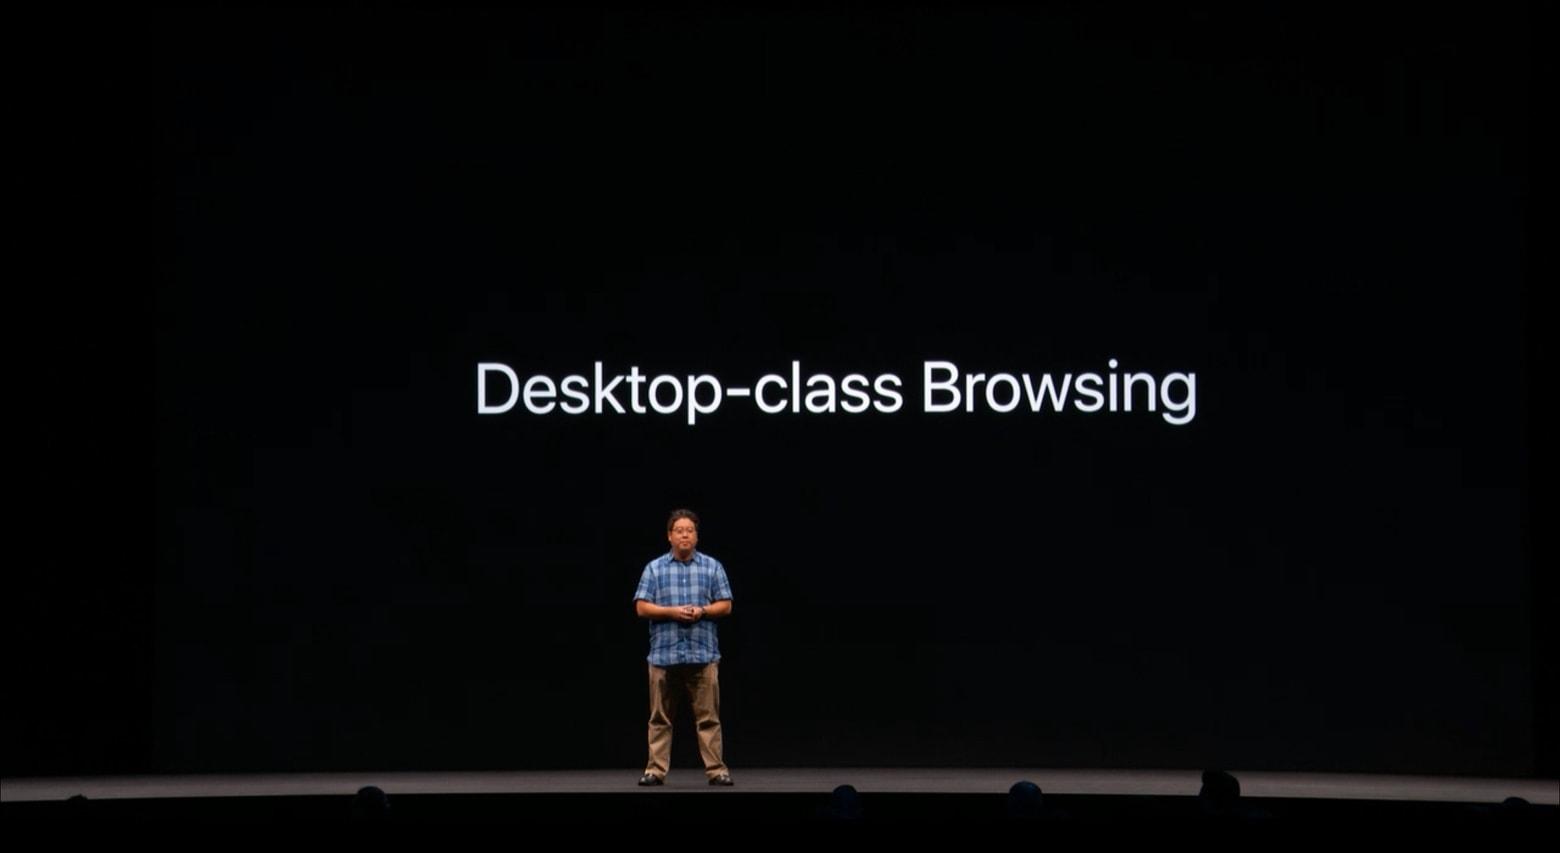 Safari in iPadOS desktop-class browsing